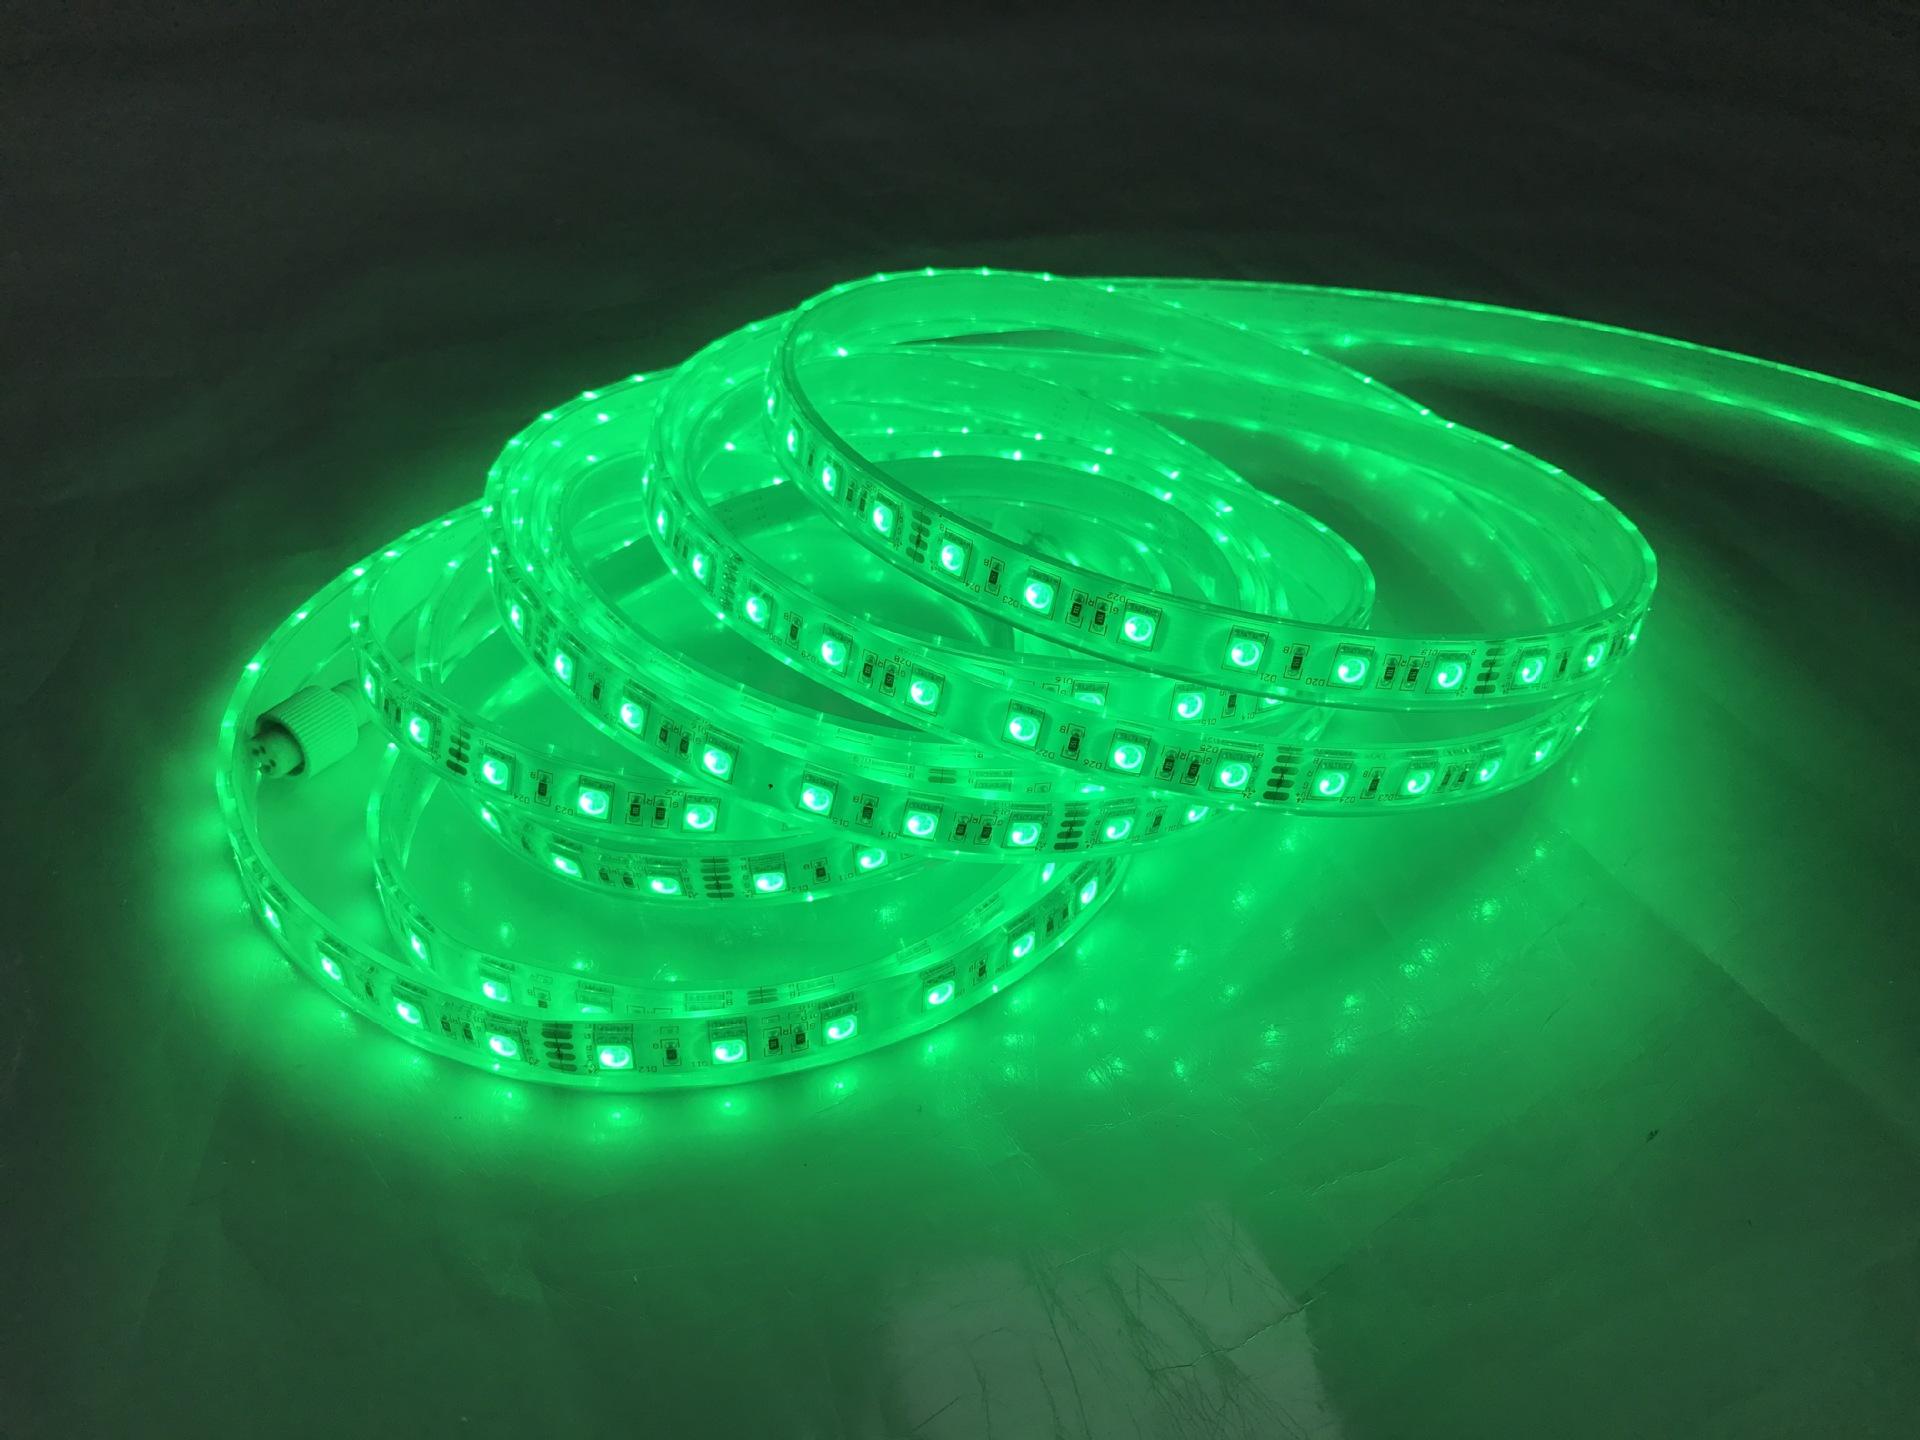 led-day-12v-chong-nuoc-ip68-rgb-5050-sieu-sang-cao-cap-tld-12v-60p-green